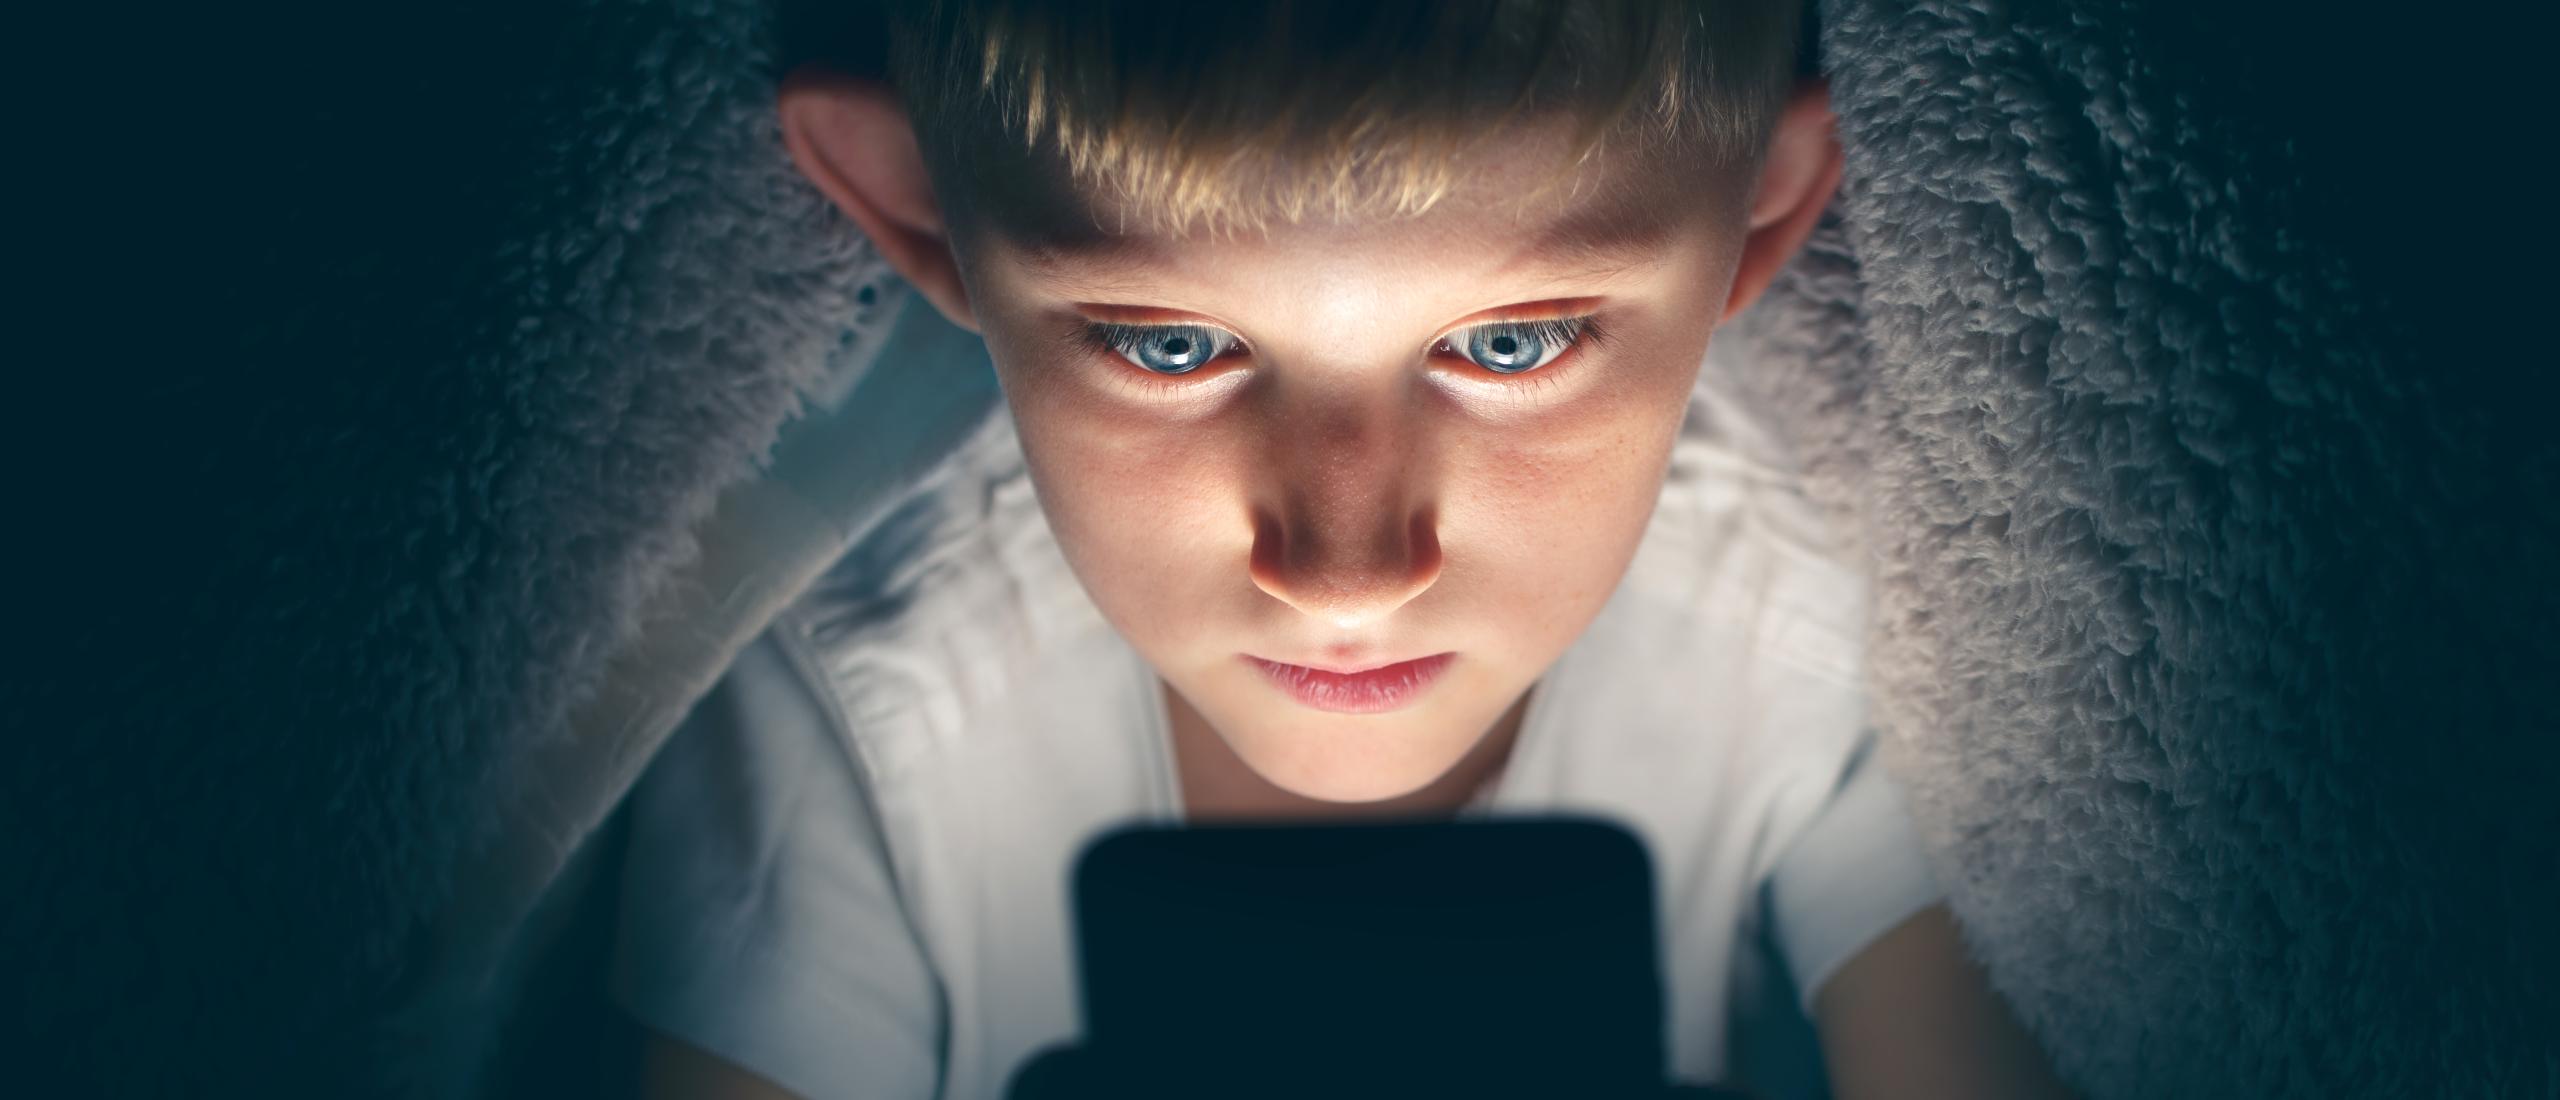 Telefoon controleren van kind